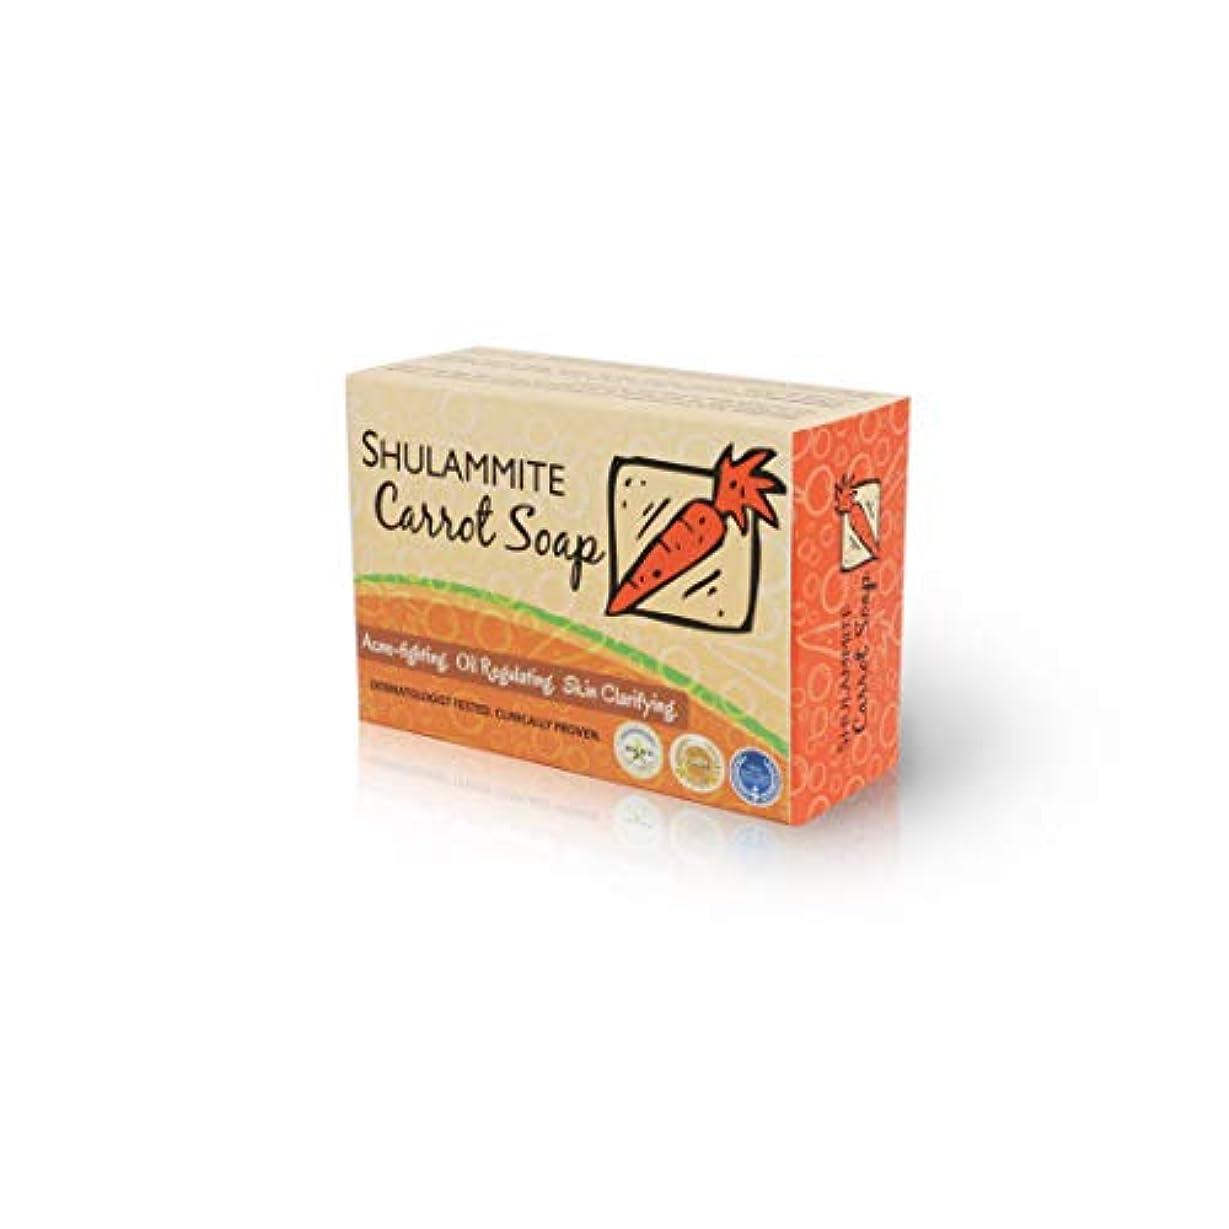 位置づける意志に反する統合するSHULAMMITE Carrot Soap キャロットソープ150g 正規輸入代理店 Harmony & Wellness Japan distributor! Exclusive contract with manufacturer